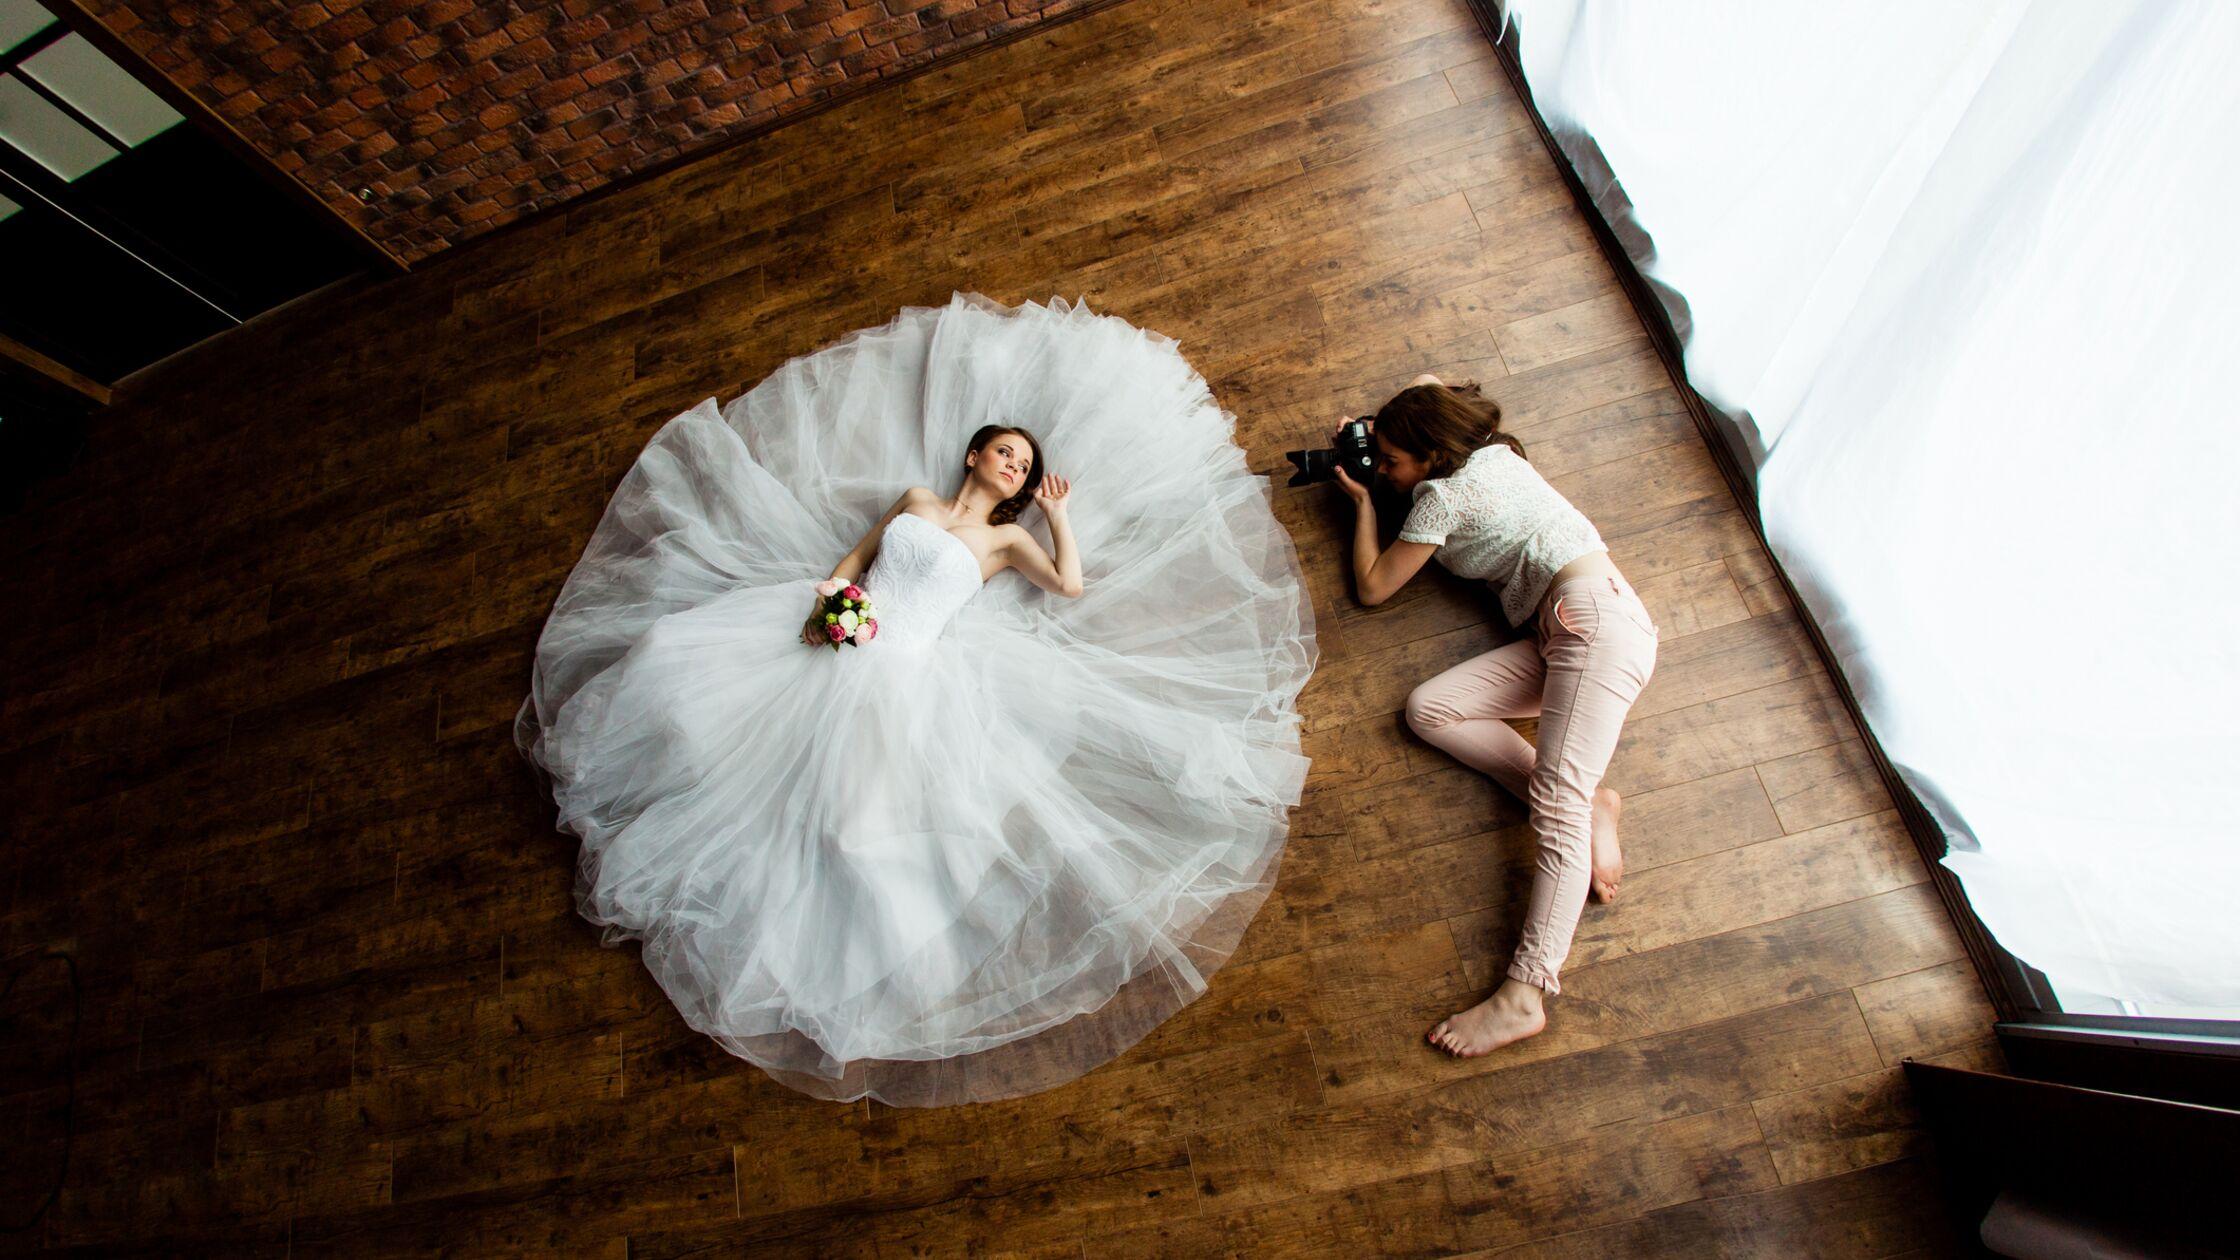 Fotografin und und Model beim Brautshooting auf dem Fußboden in einer leeren Wohnung